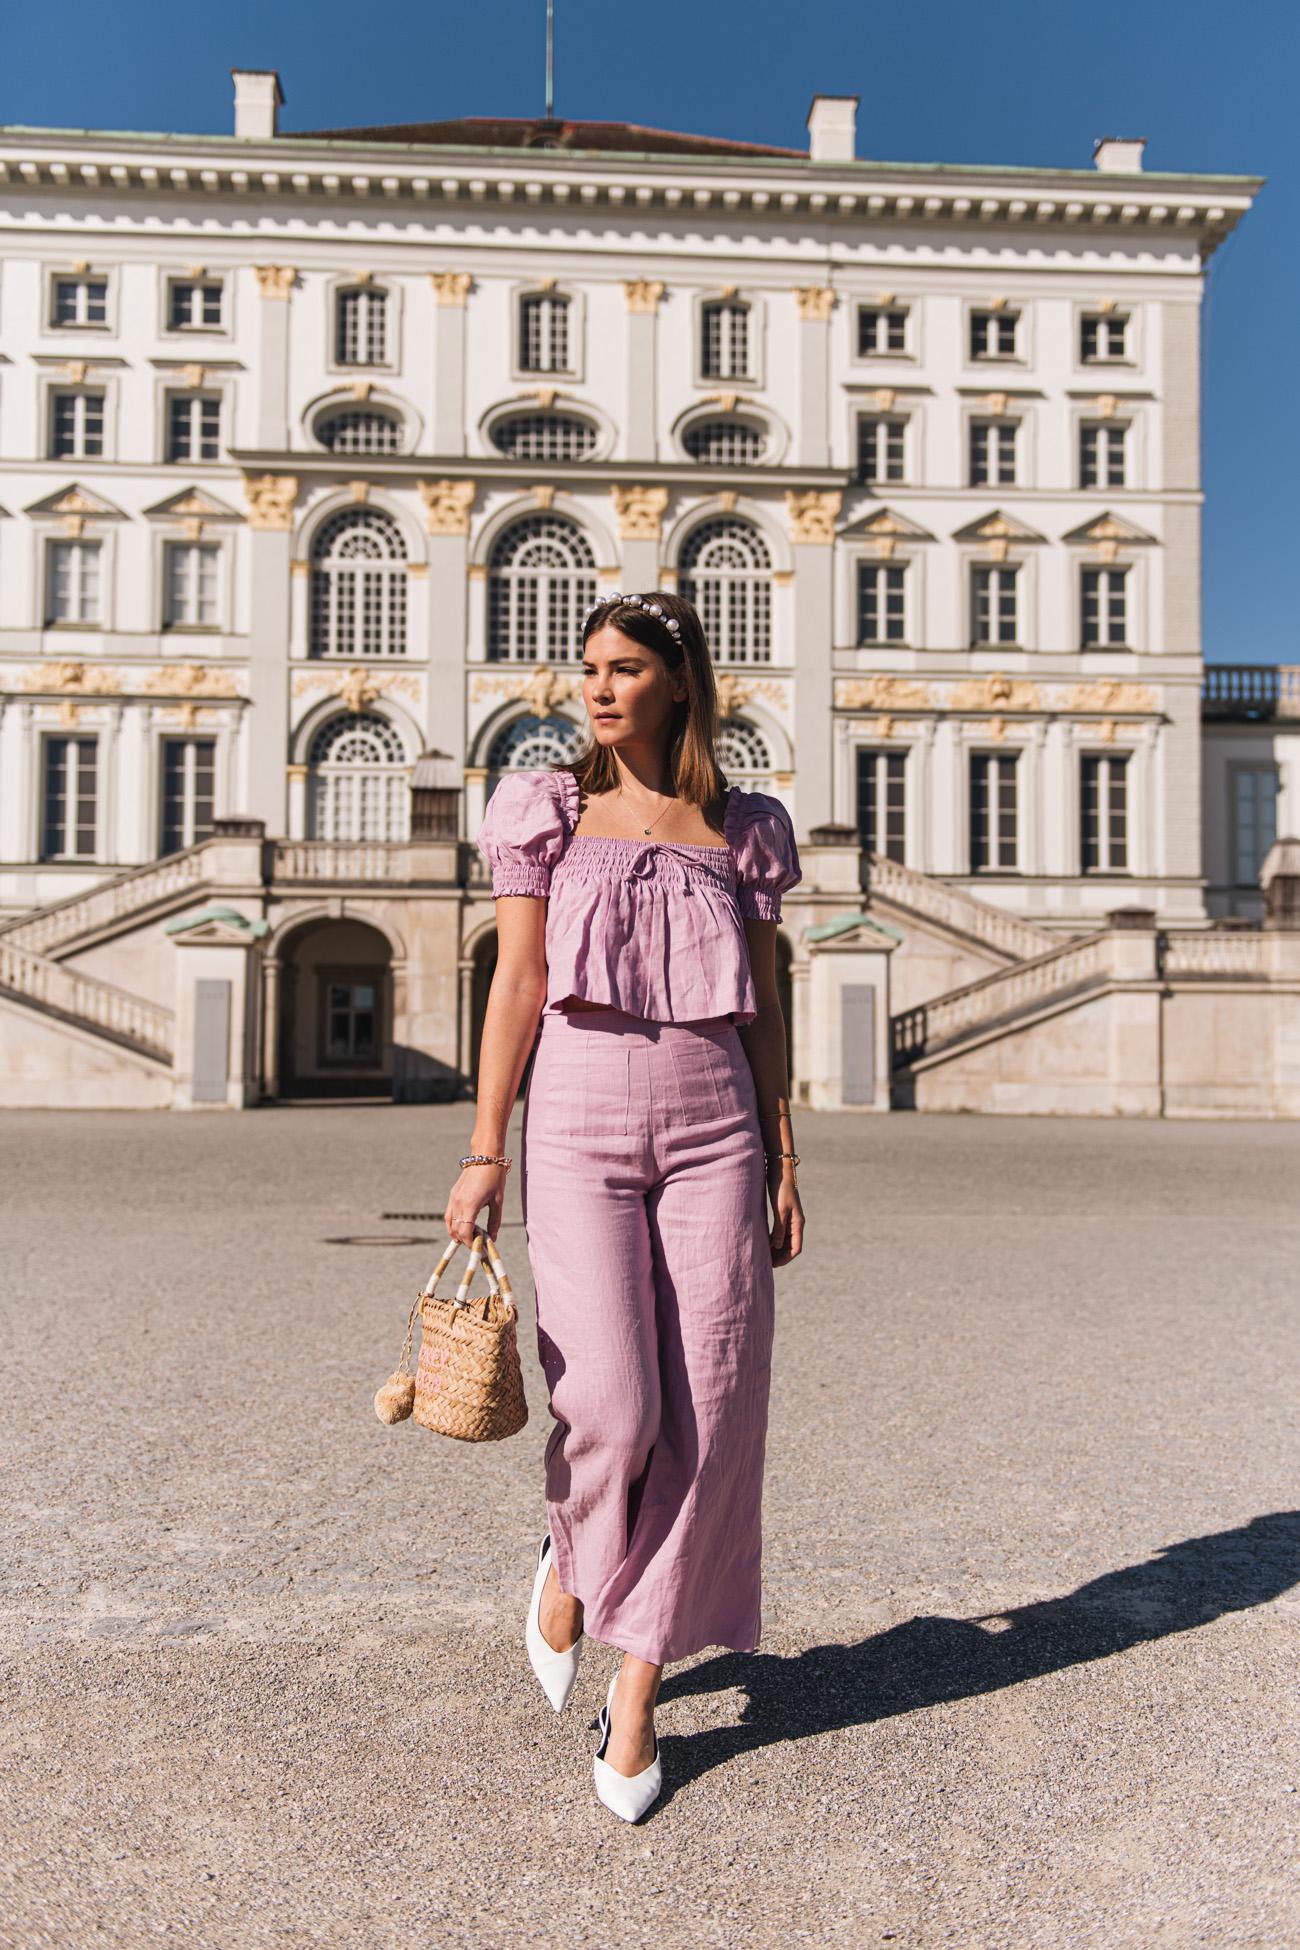 Nachhaltige und bezahlbare Modemarken 2020